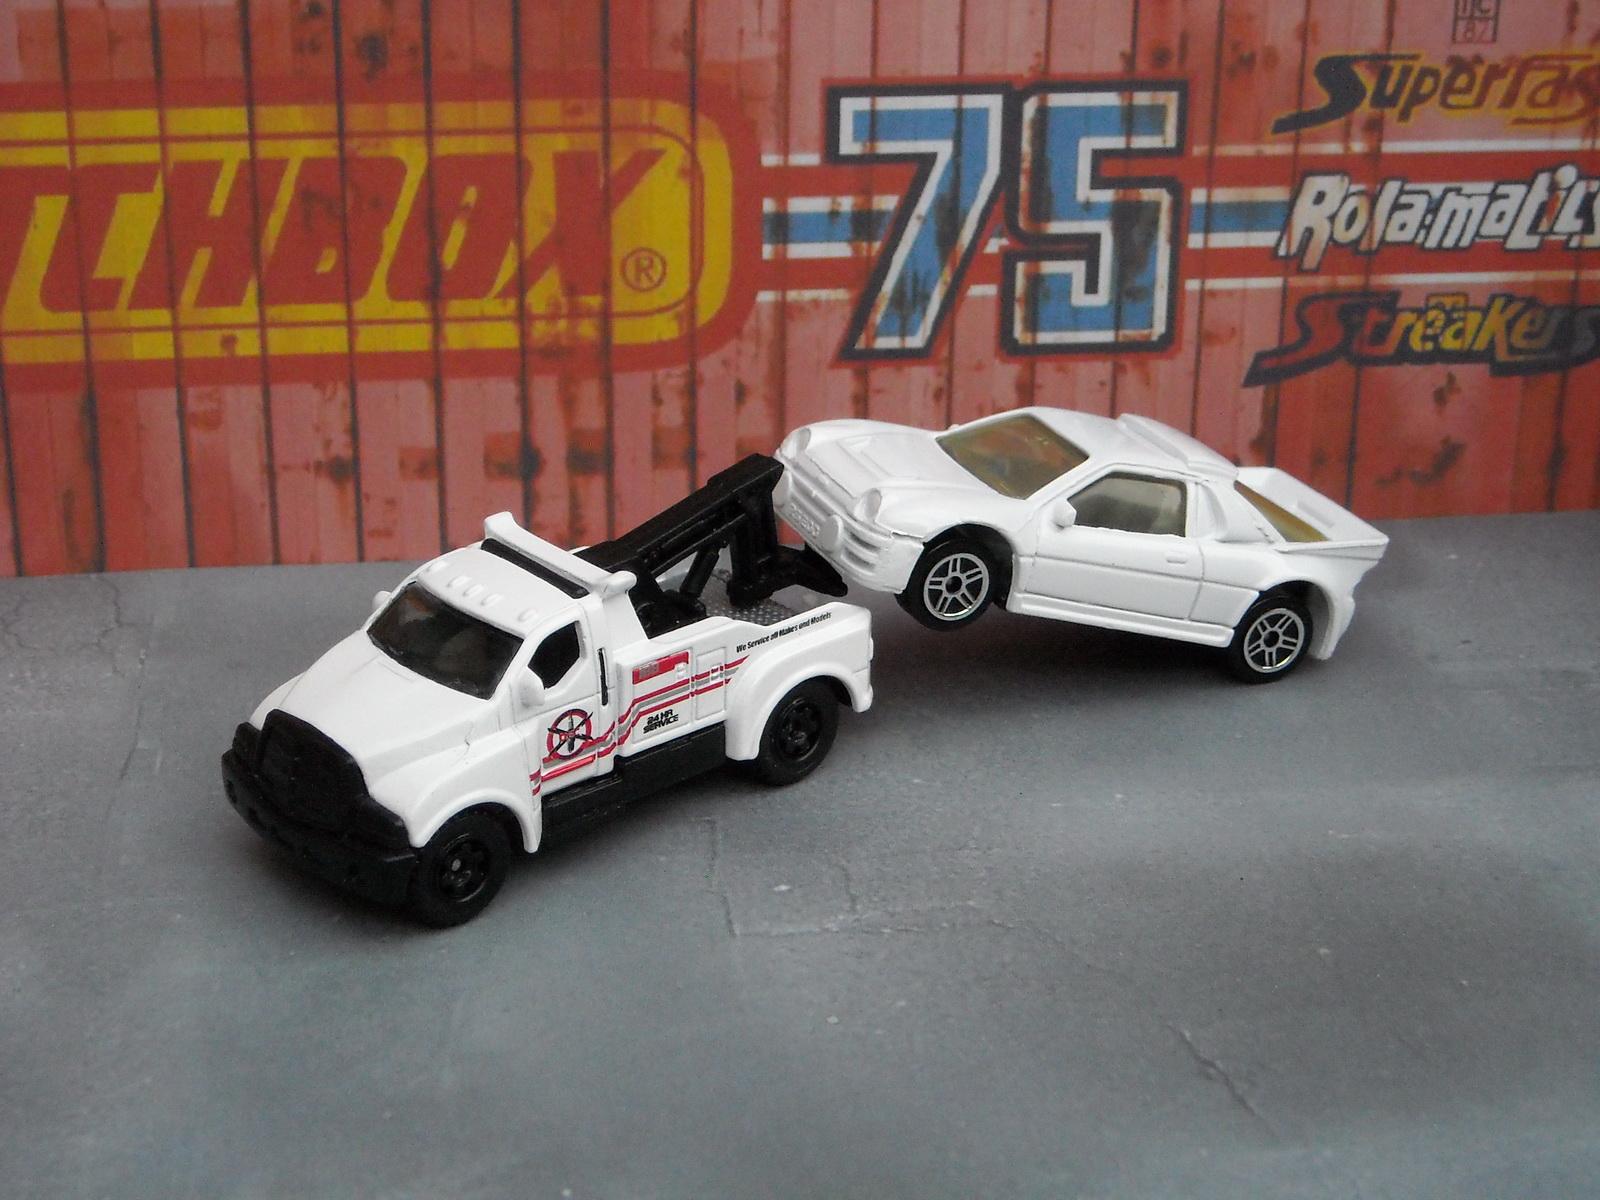 http://1.bp.blogspot.com/-QD25hrMSFqU/Tkq3I_9JuRI/AAAAAAAADr8/LNGRjt3YKIE/s1600/matchbox_tow_truck_4.JPG